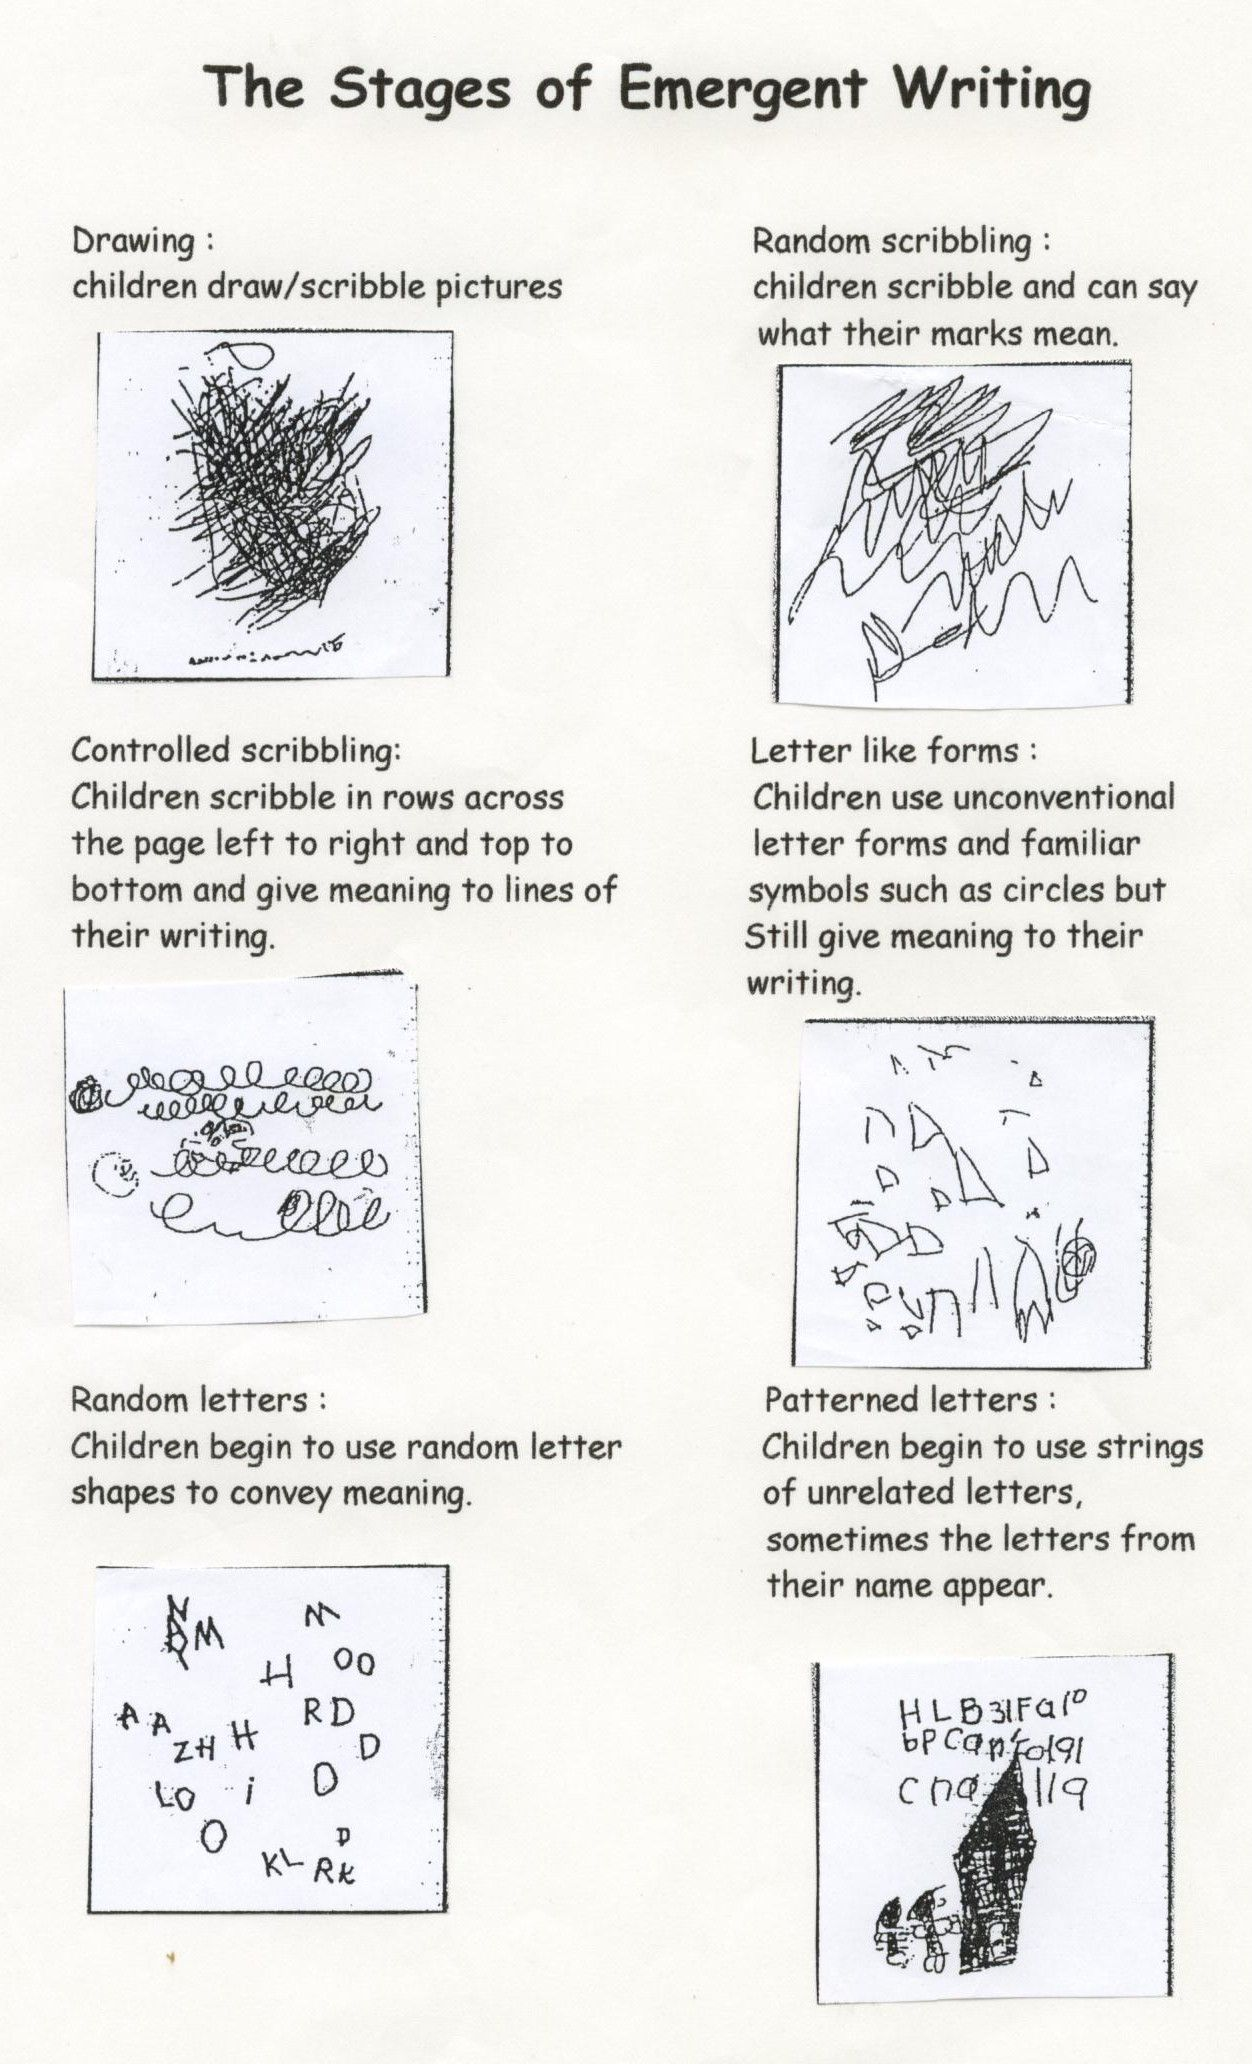 emergent writing activities for preschoolers